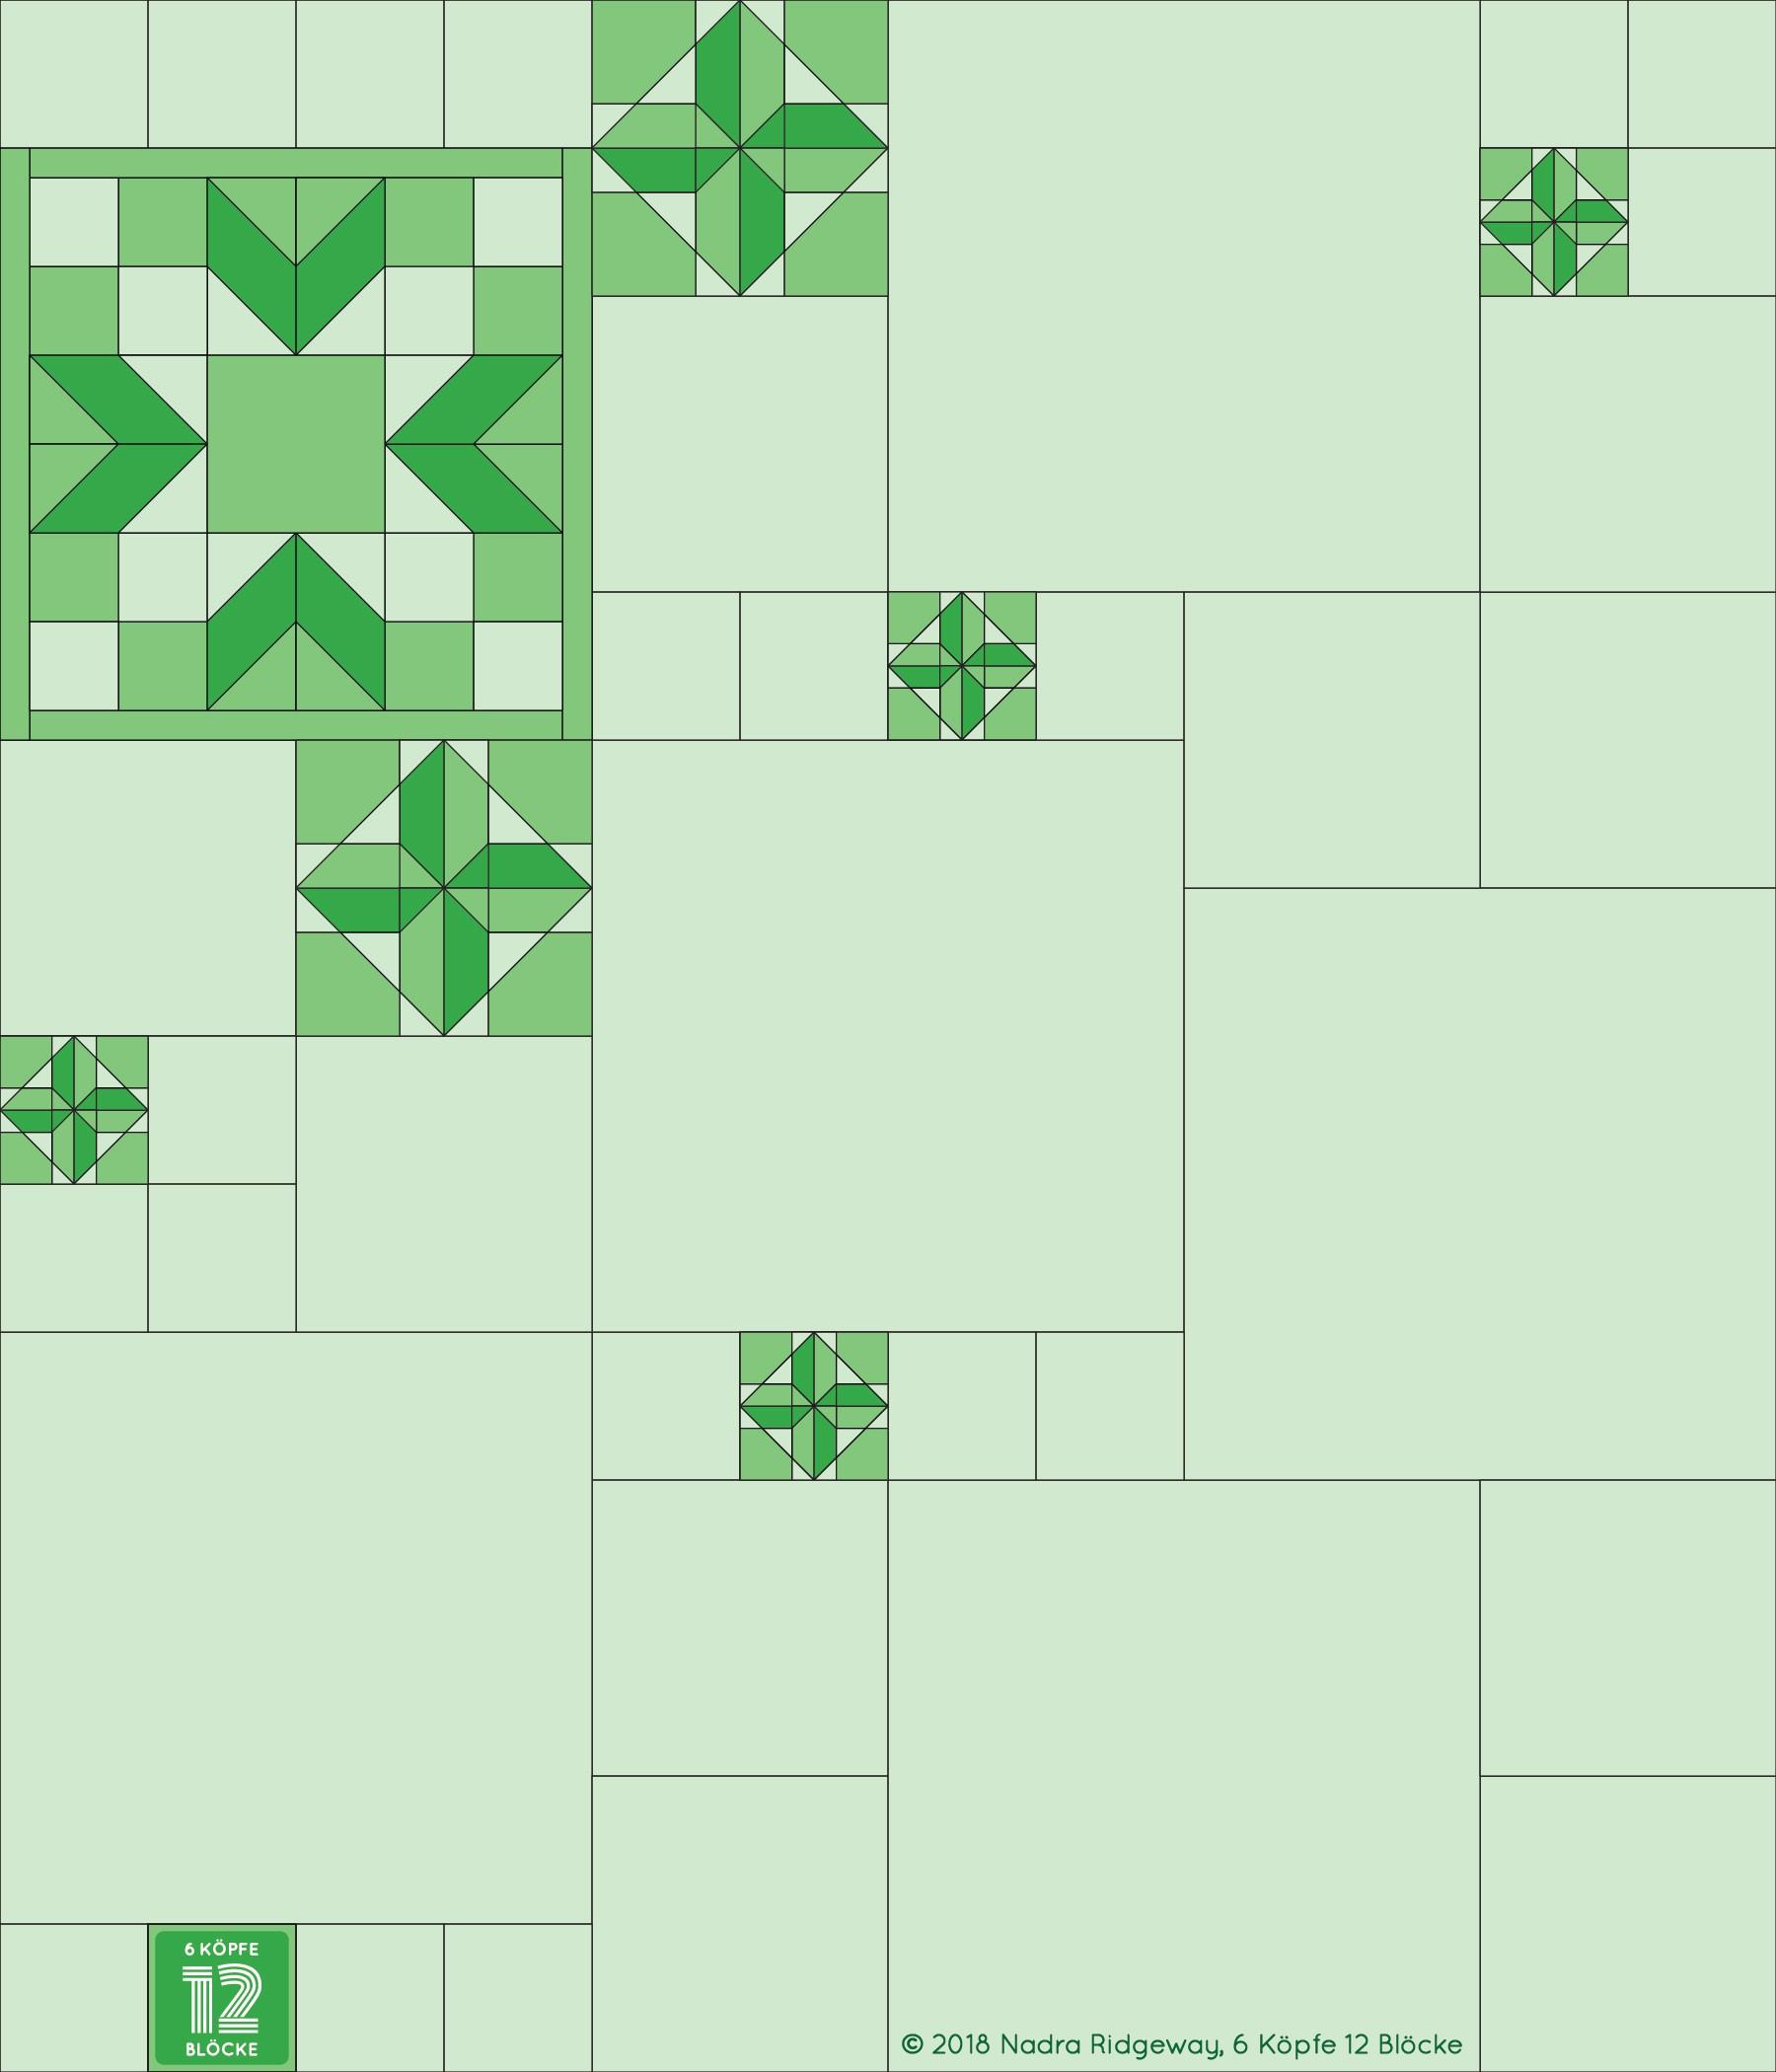 6 Köpfe 12 Blöcke 2019 - Propeller Quilt Block